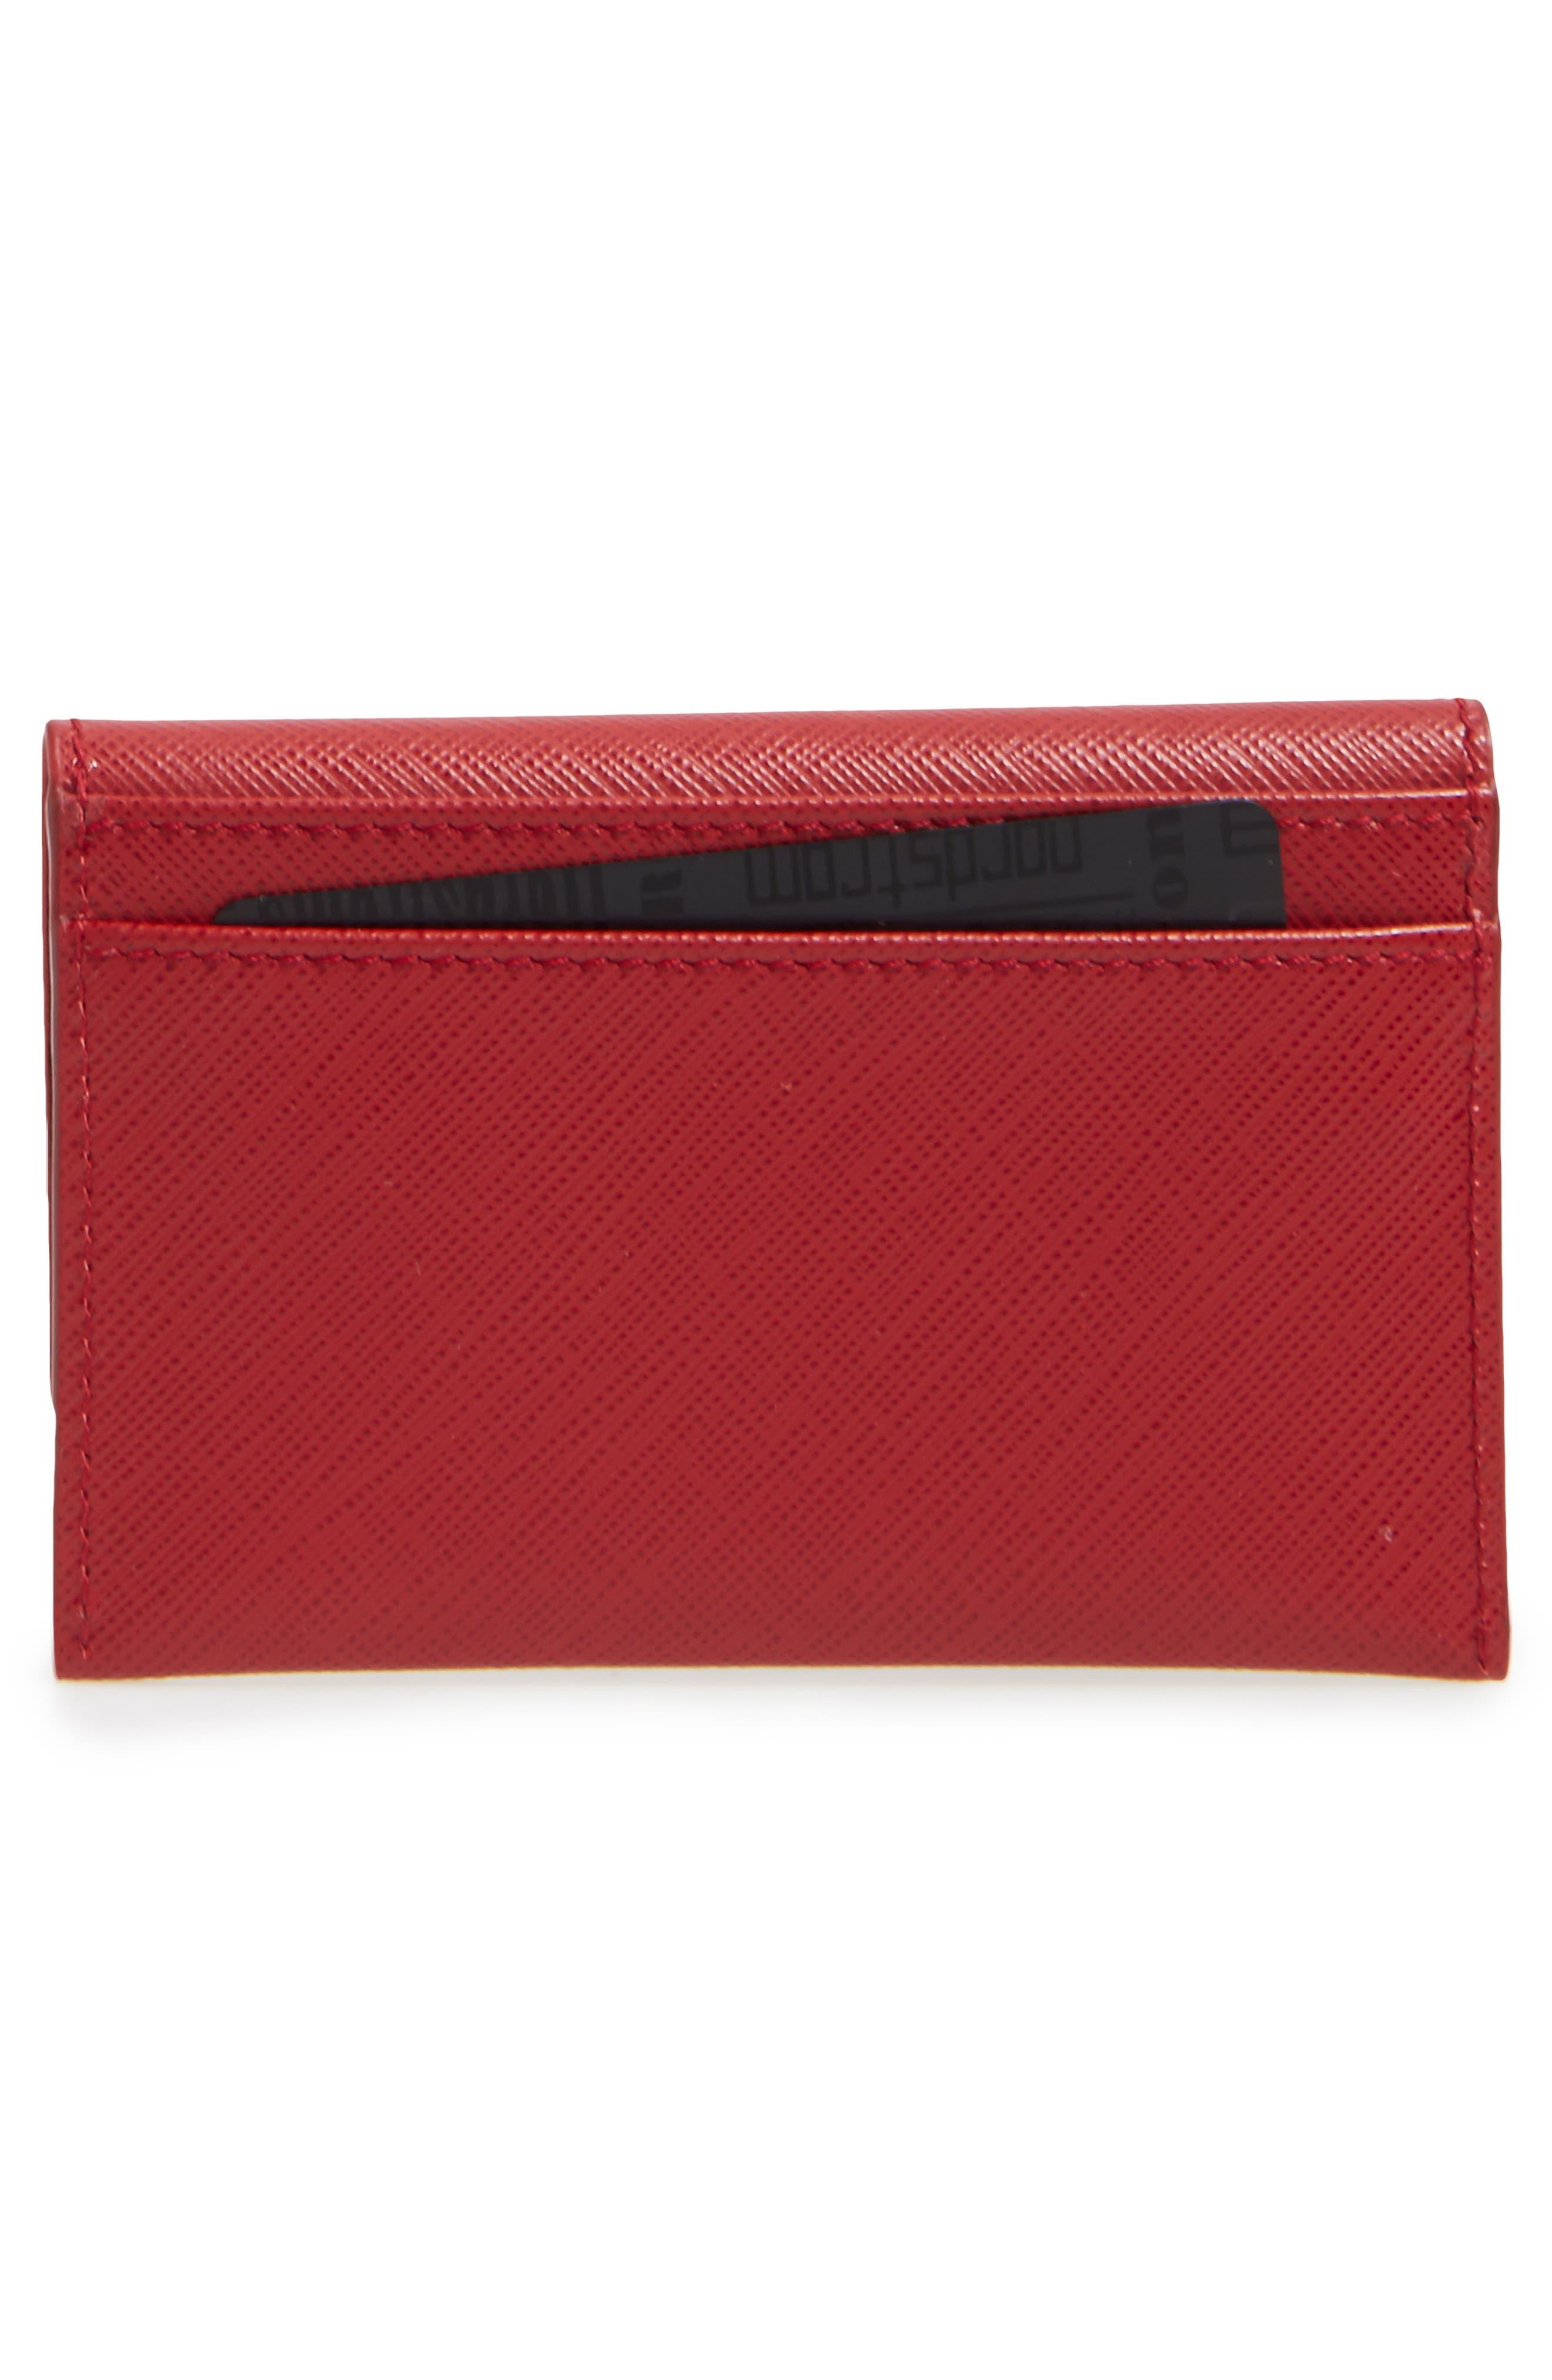 Alternate Image 2  - Salvatore Ferragamo Vara Leather Card Case